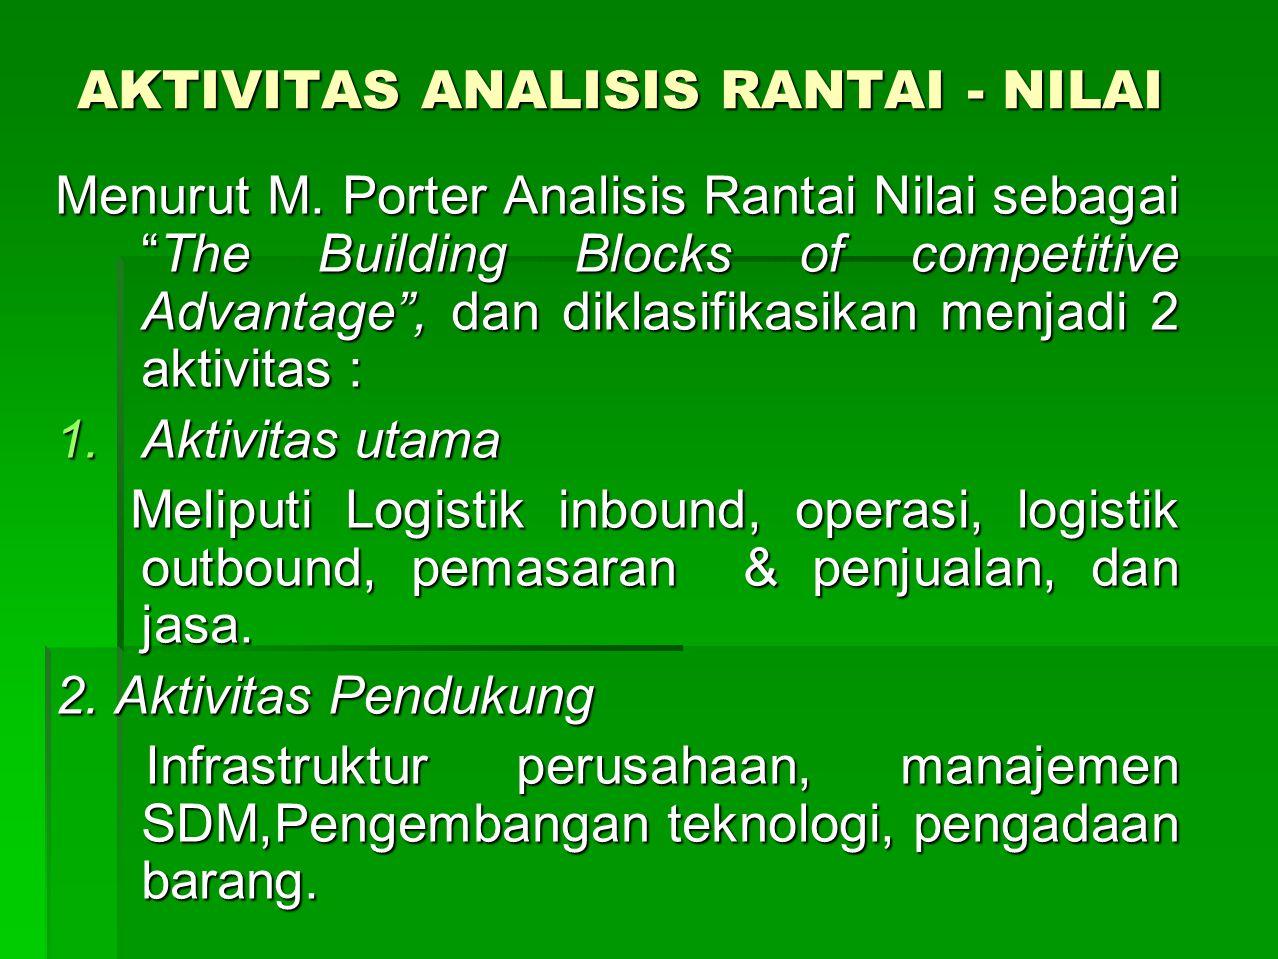 AKTIVITAS ANALISIS RANTAI - NILAI